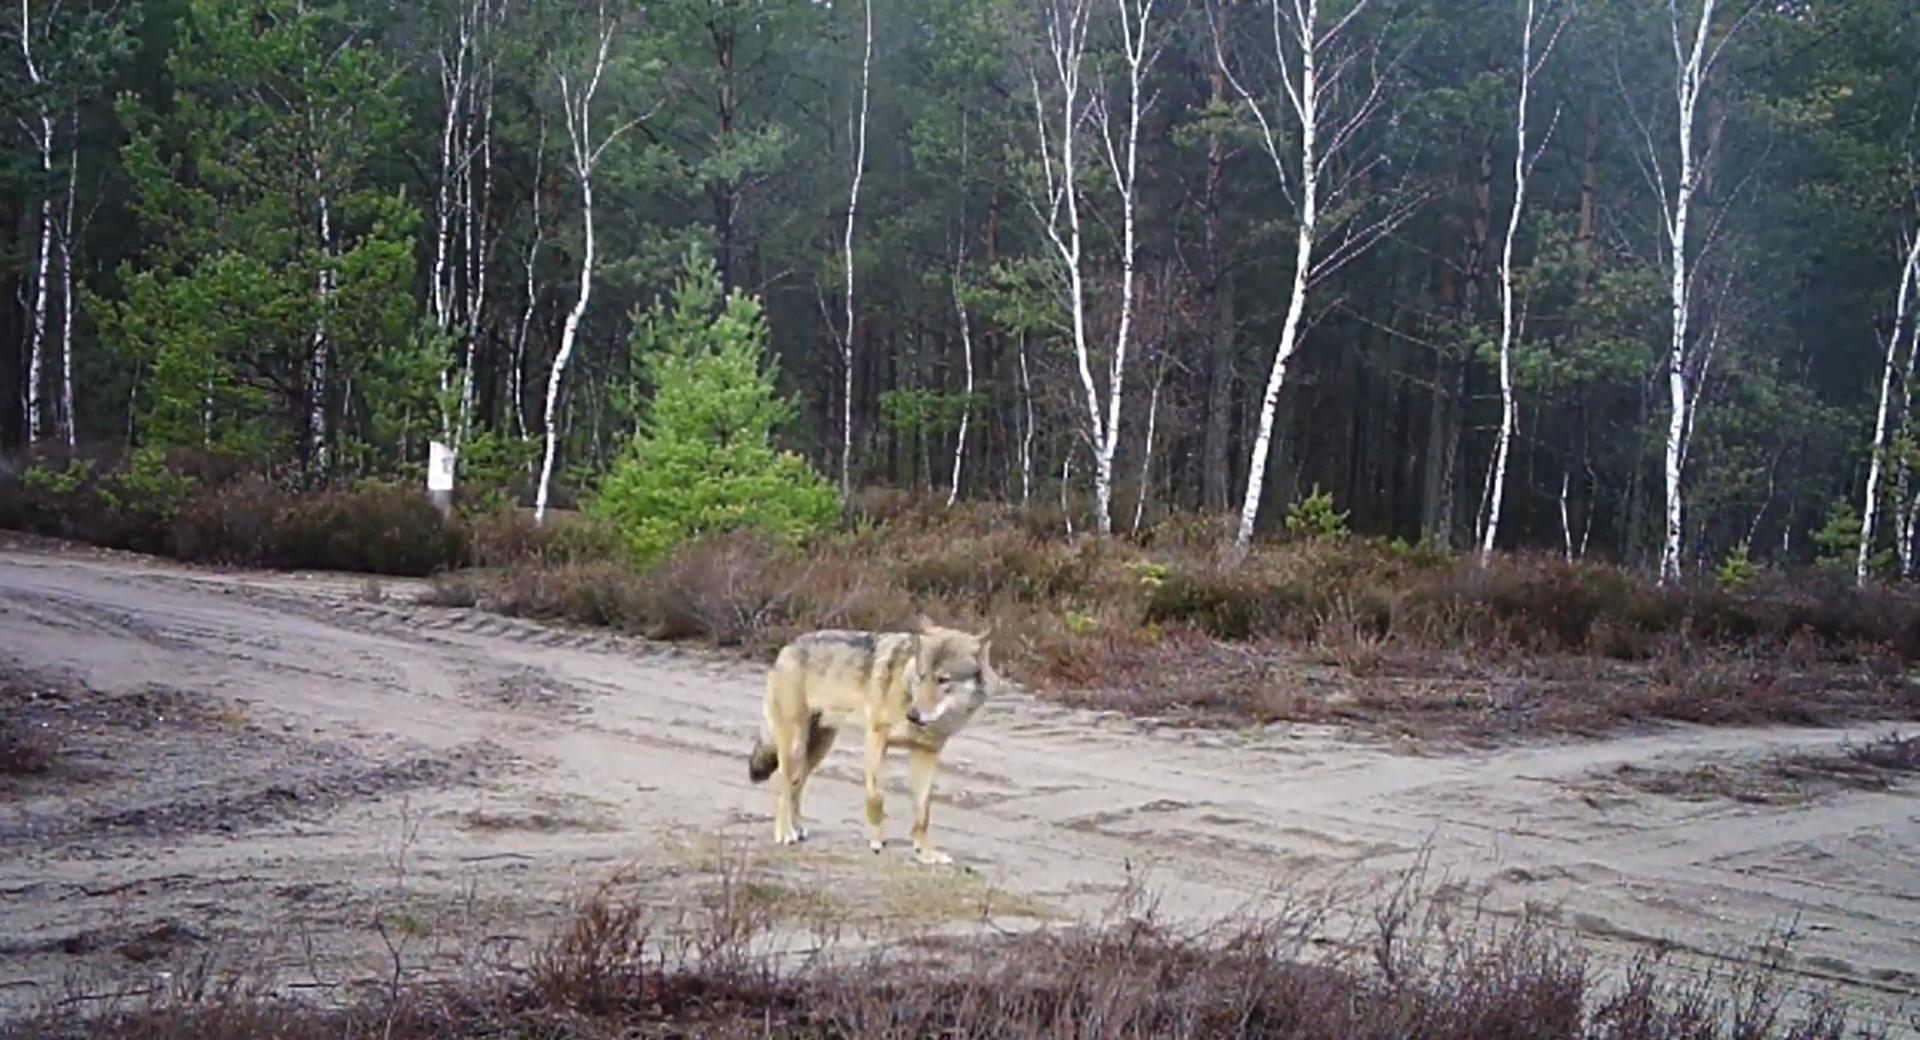 Chocianowskie wilki w ukrytej kamerze (wideo)